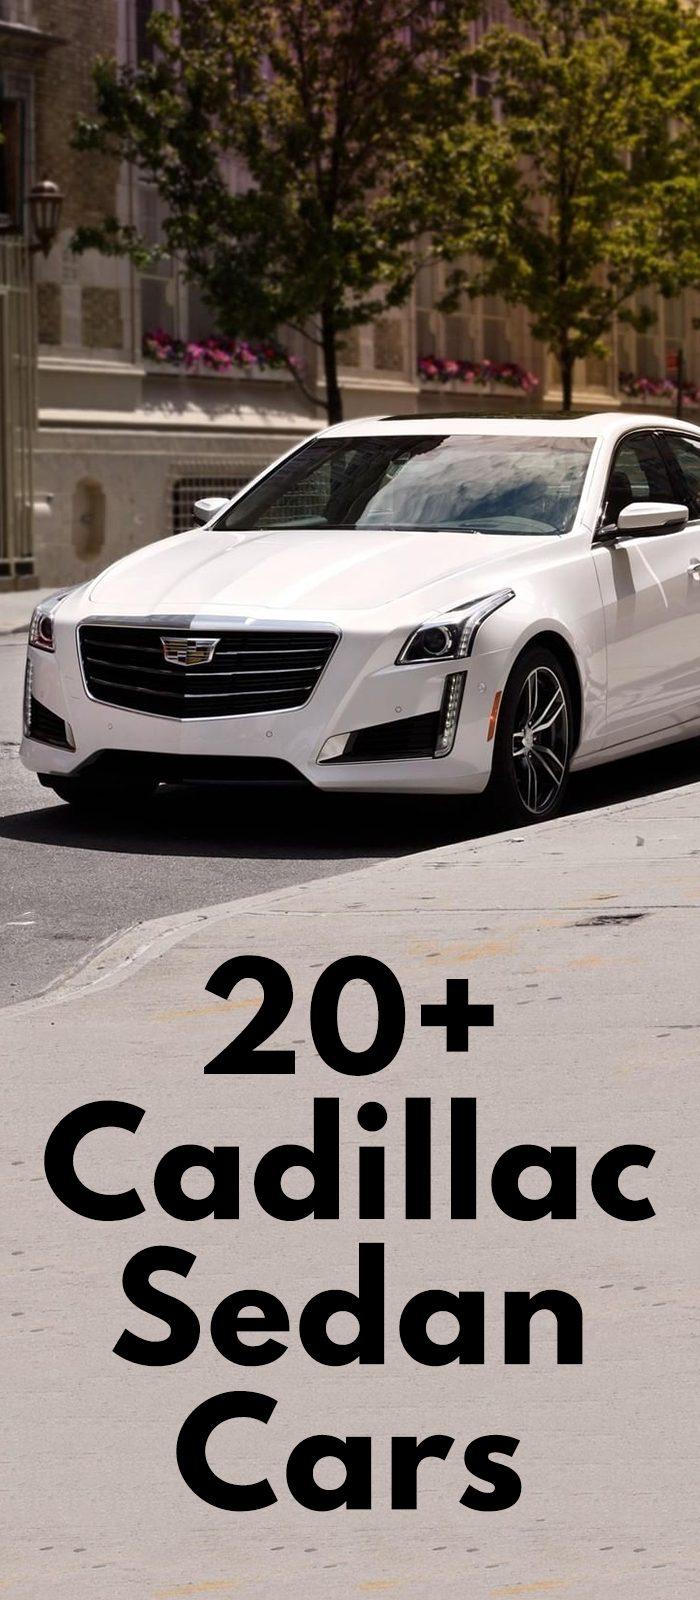 20+ CADILLAC SEDAN CARS